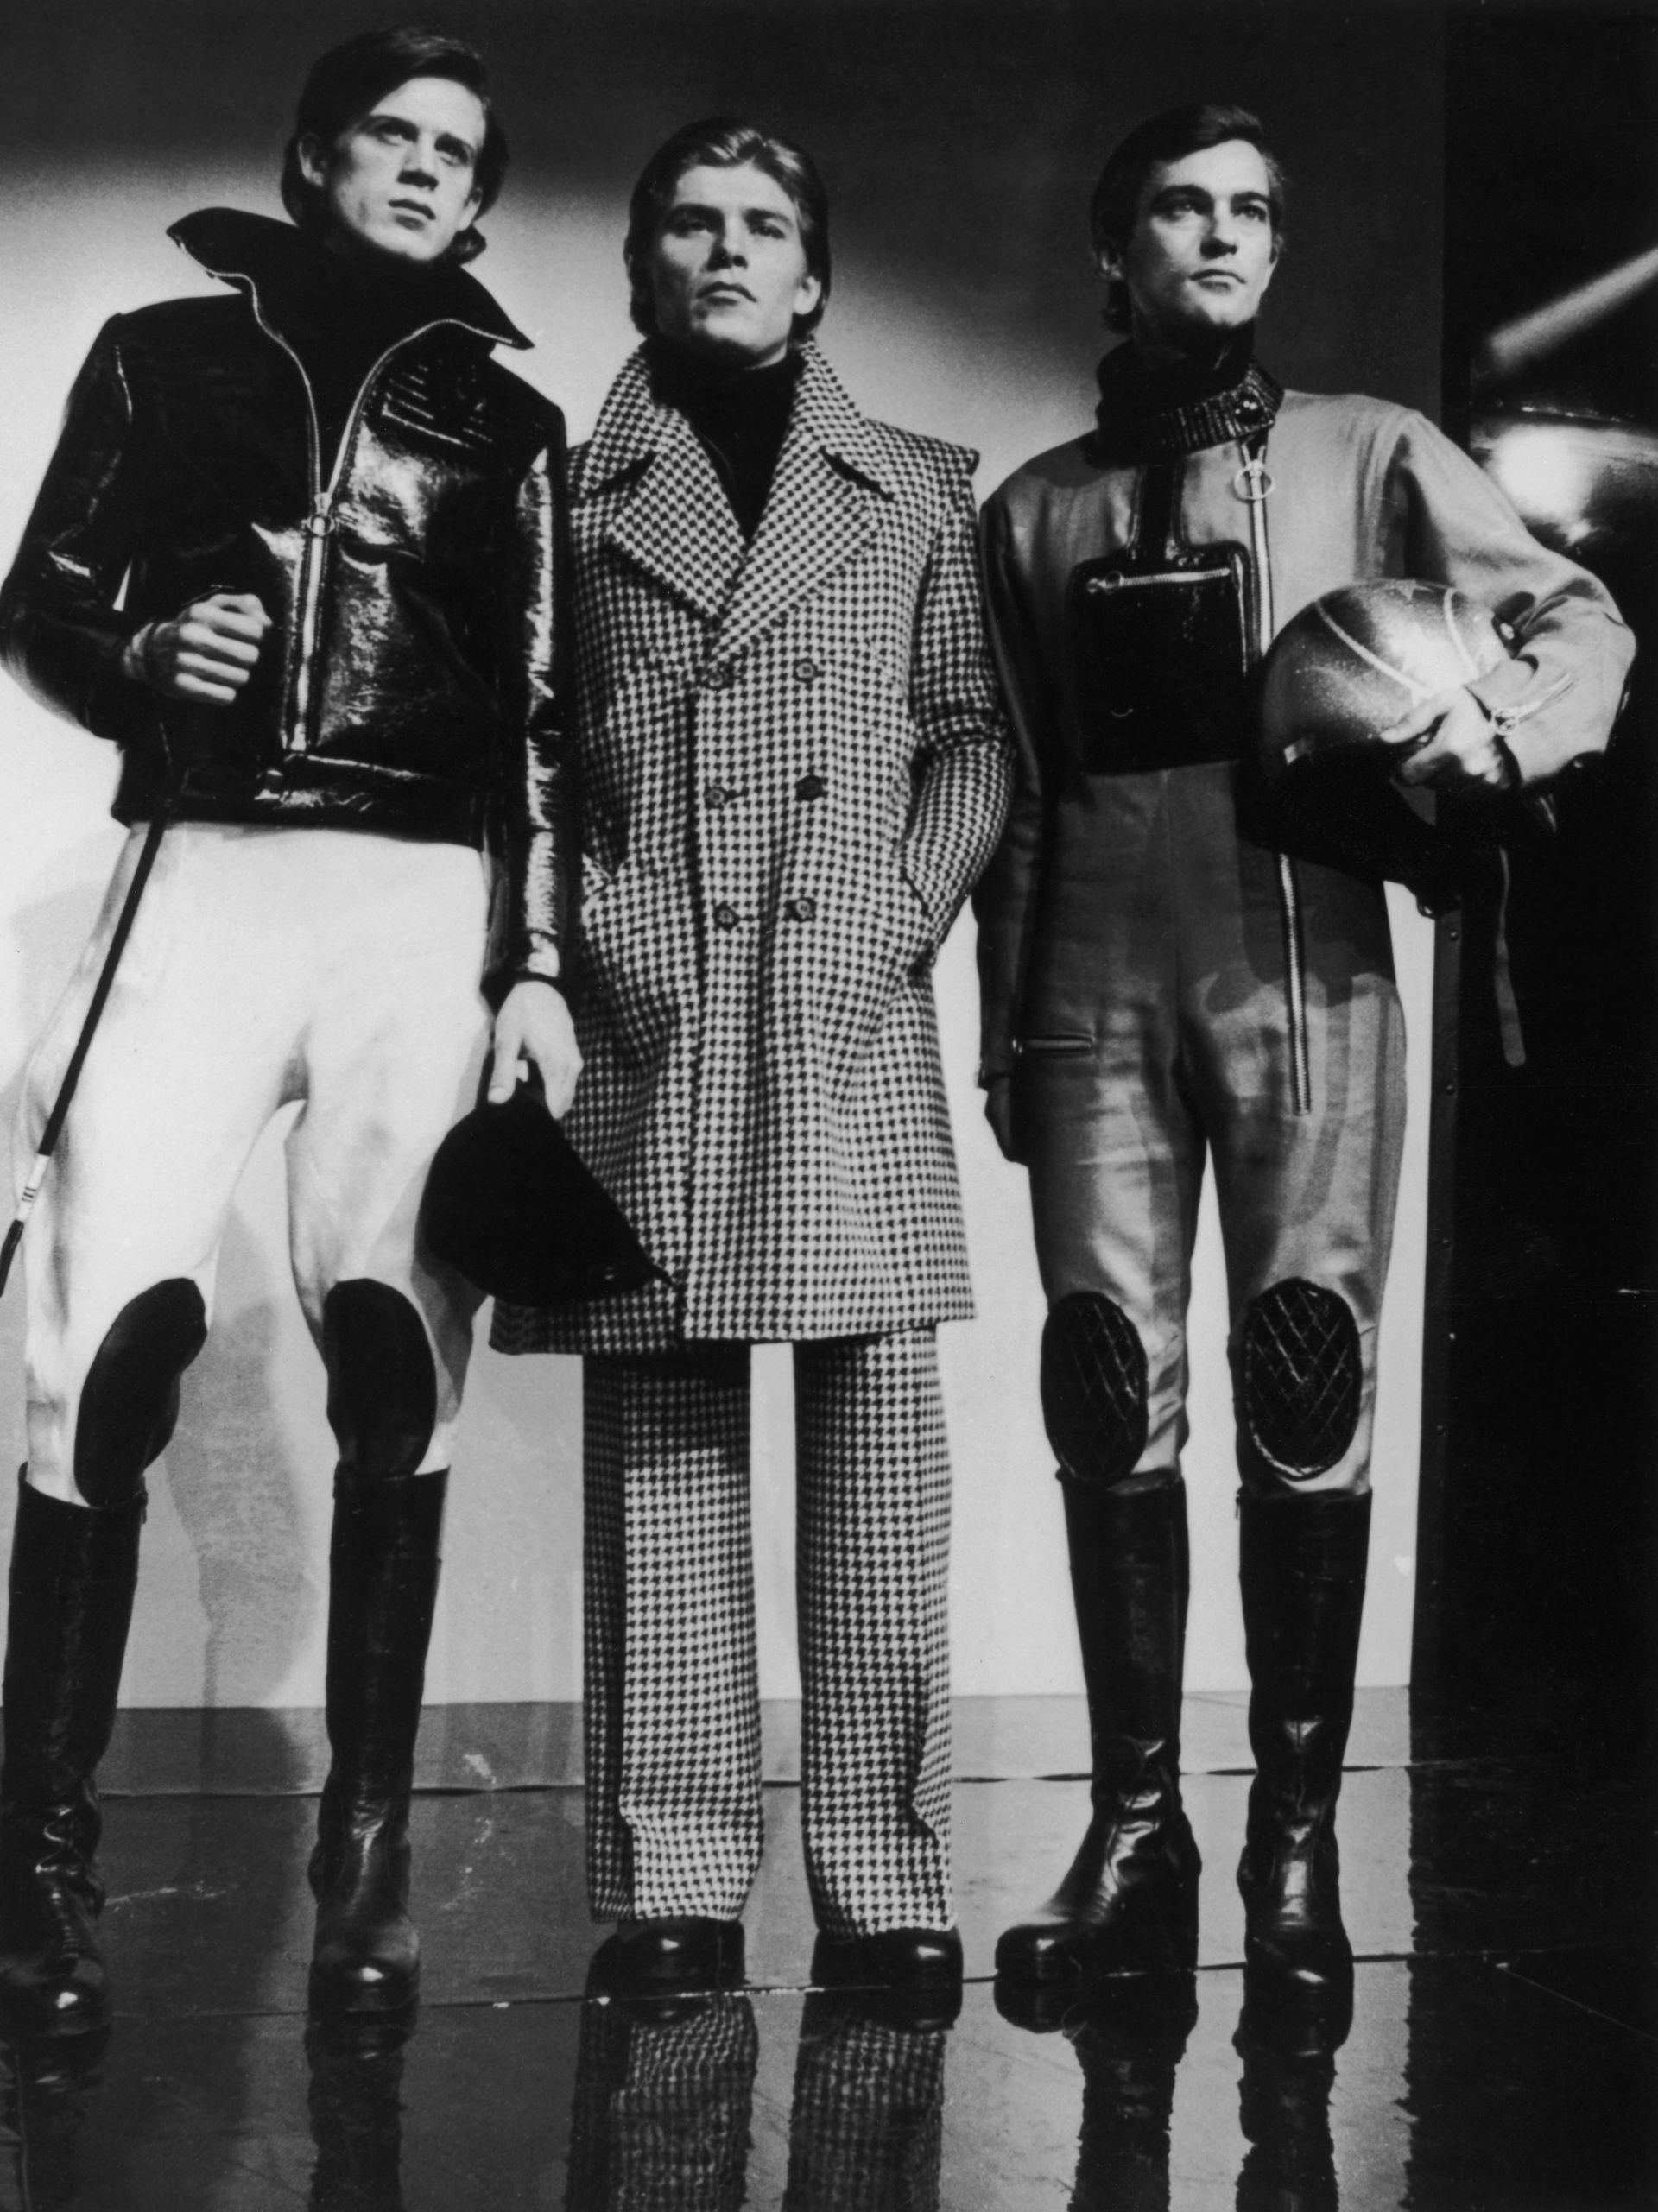 Спортни облекла за мъже - колекция на Карден от 1963 г.